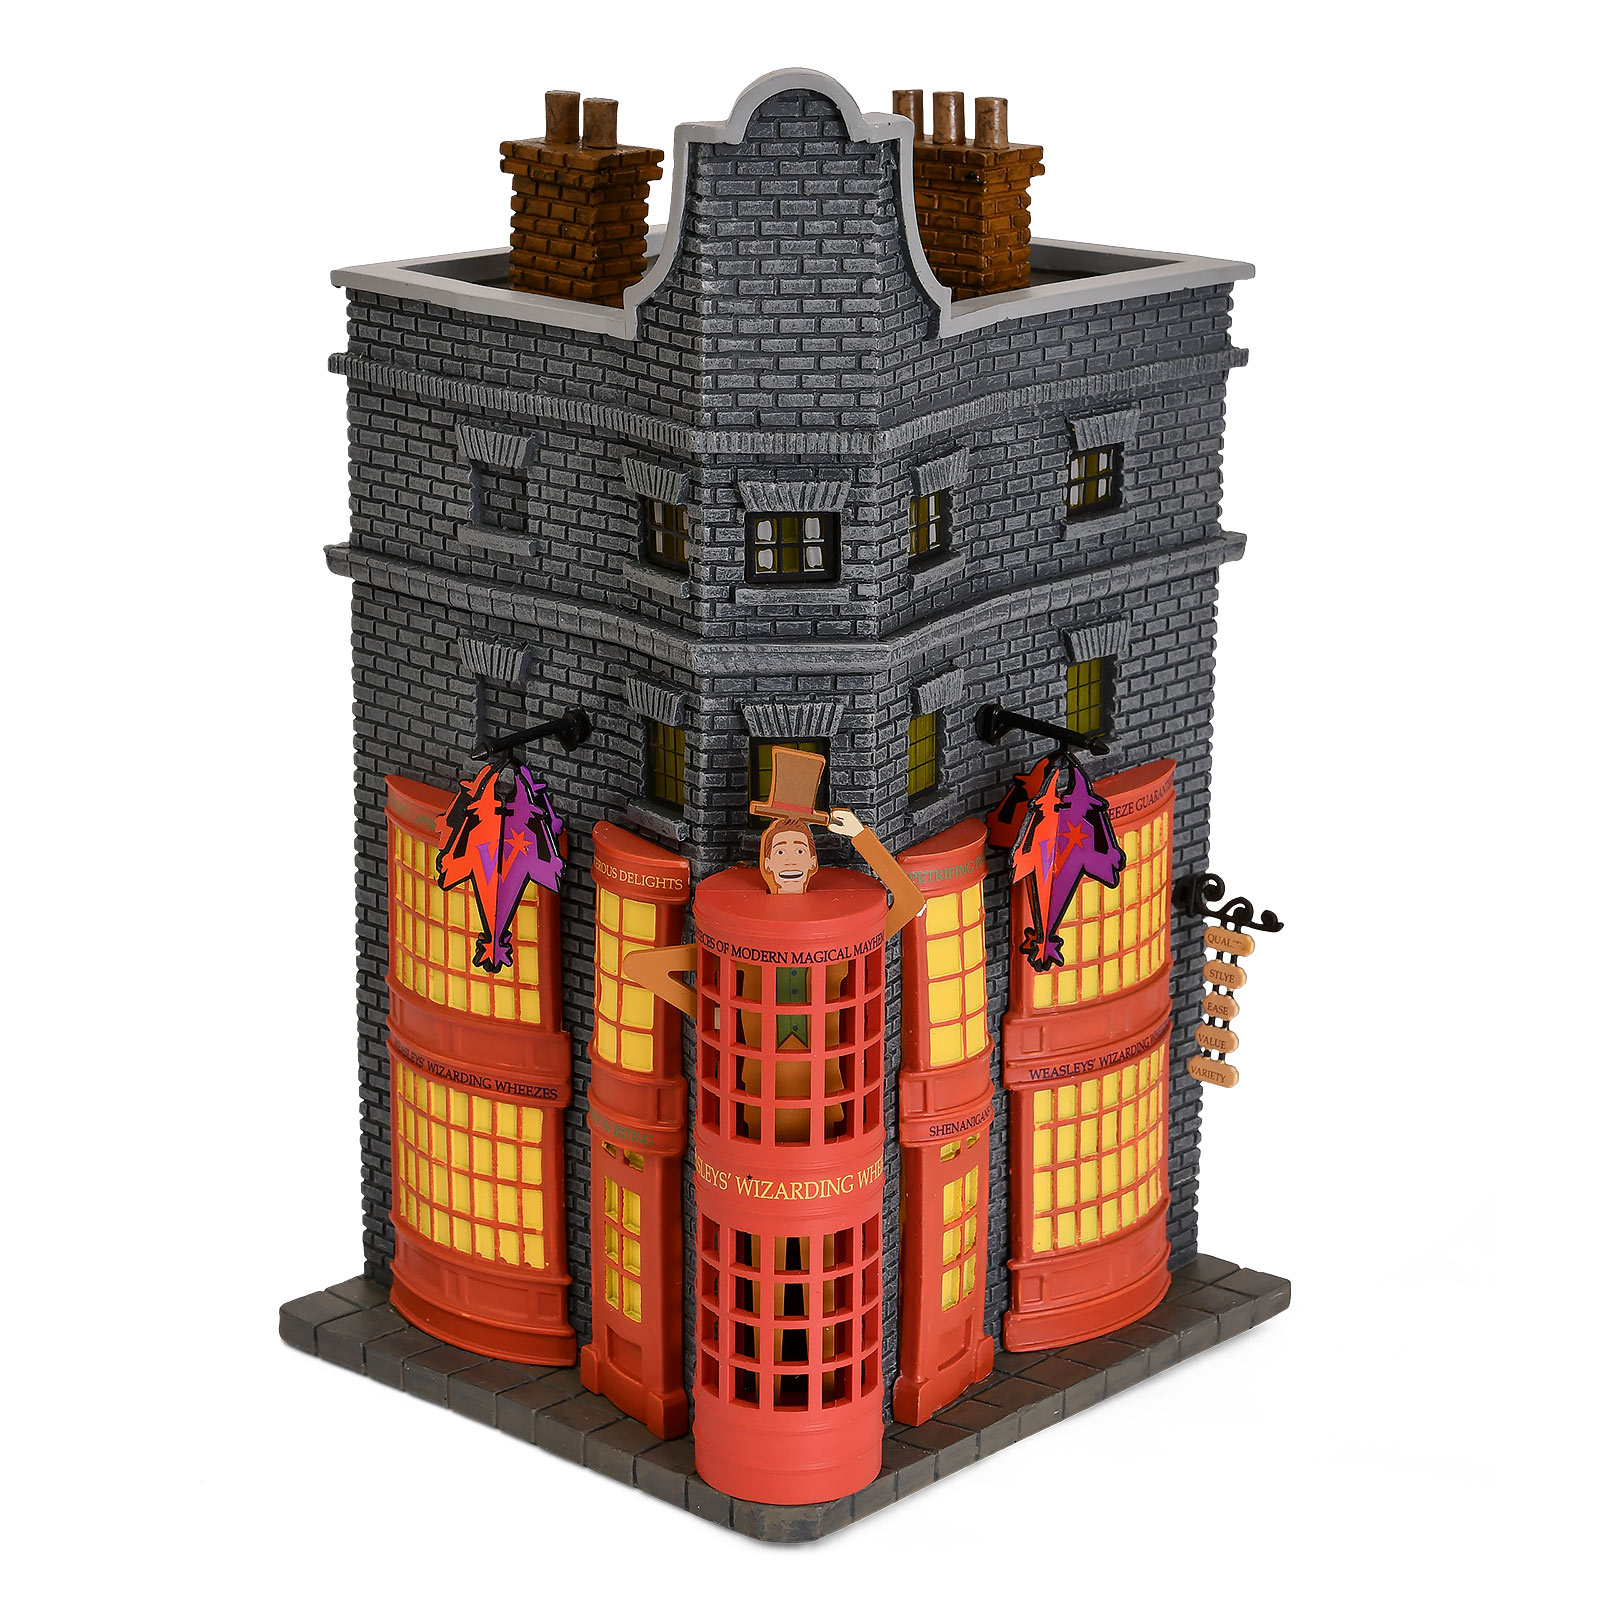 Weasleys Zauberhafte Zauberscherze Miniatur Replik mit Beleuchtung - Harry Potter